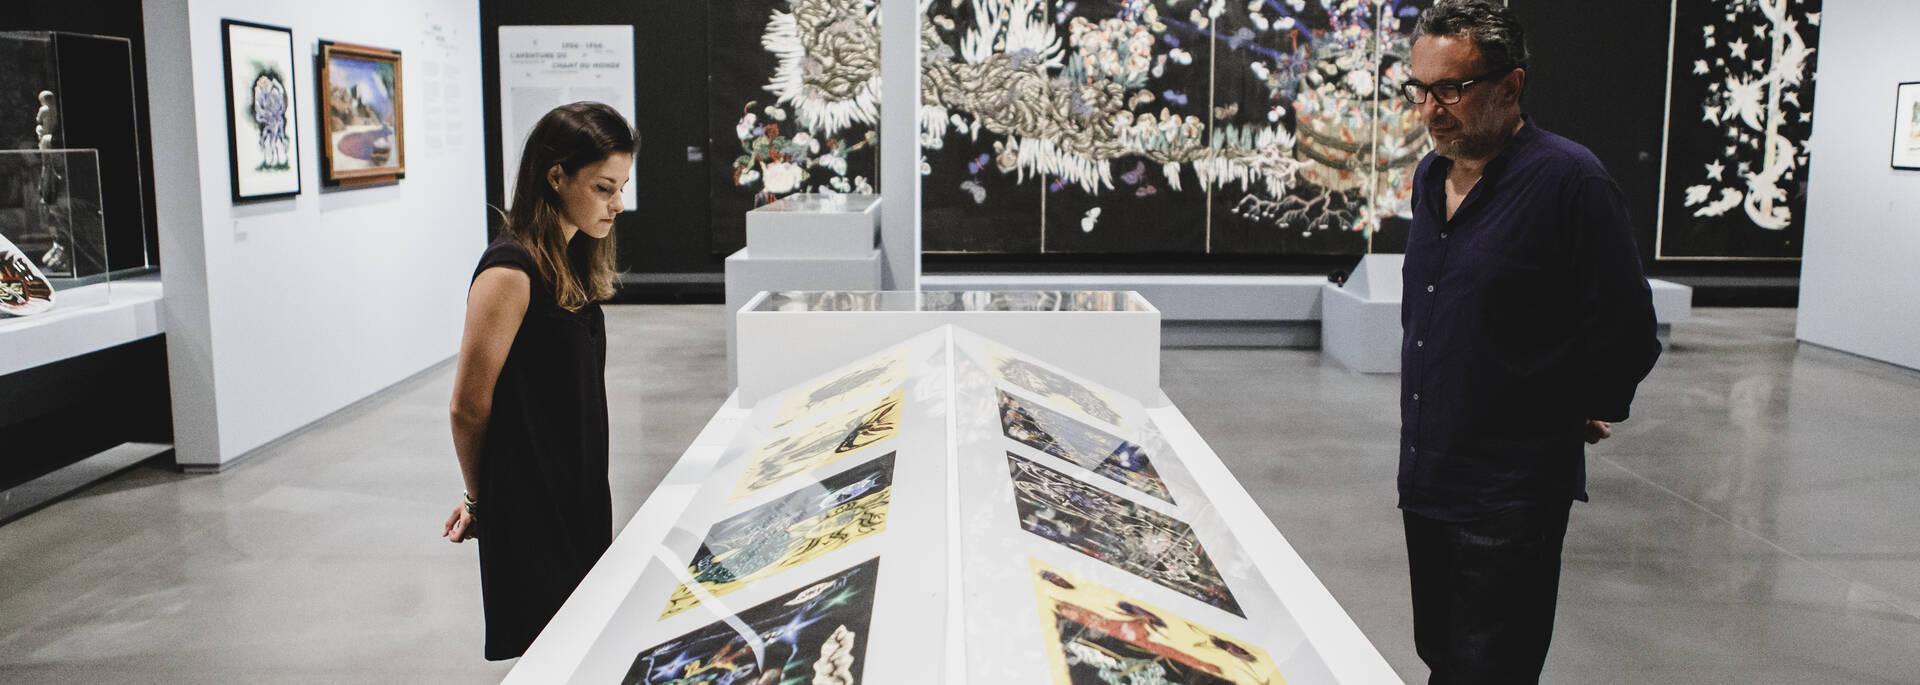 Musée d'Angers © Jérémy Fiori